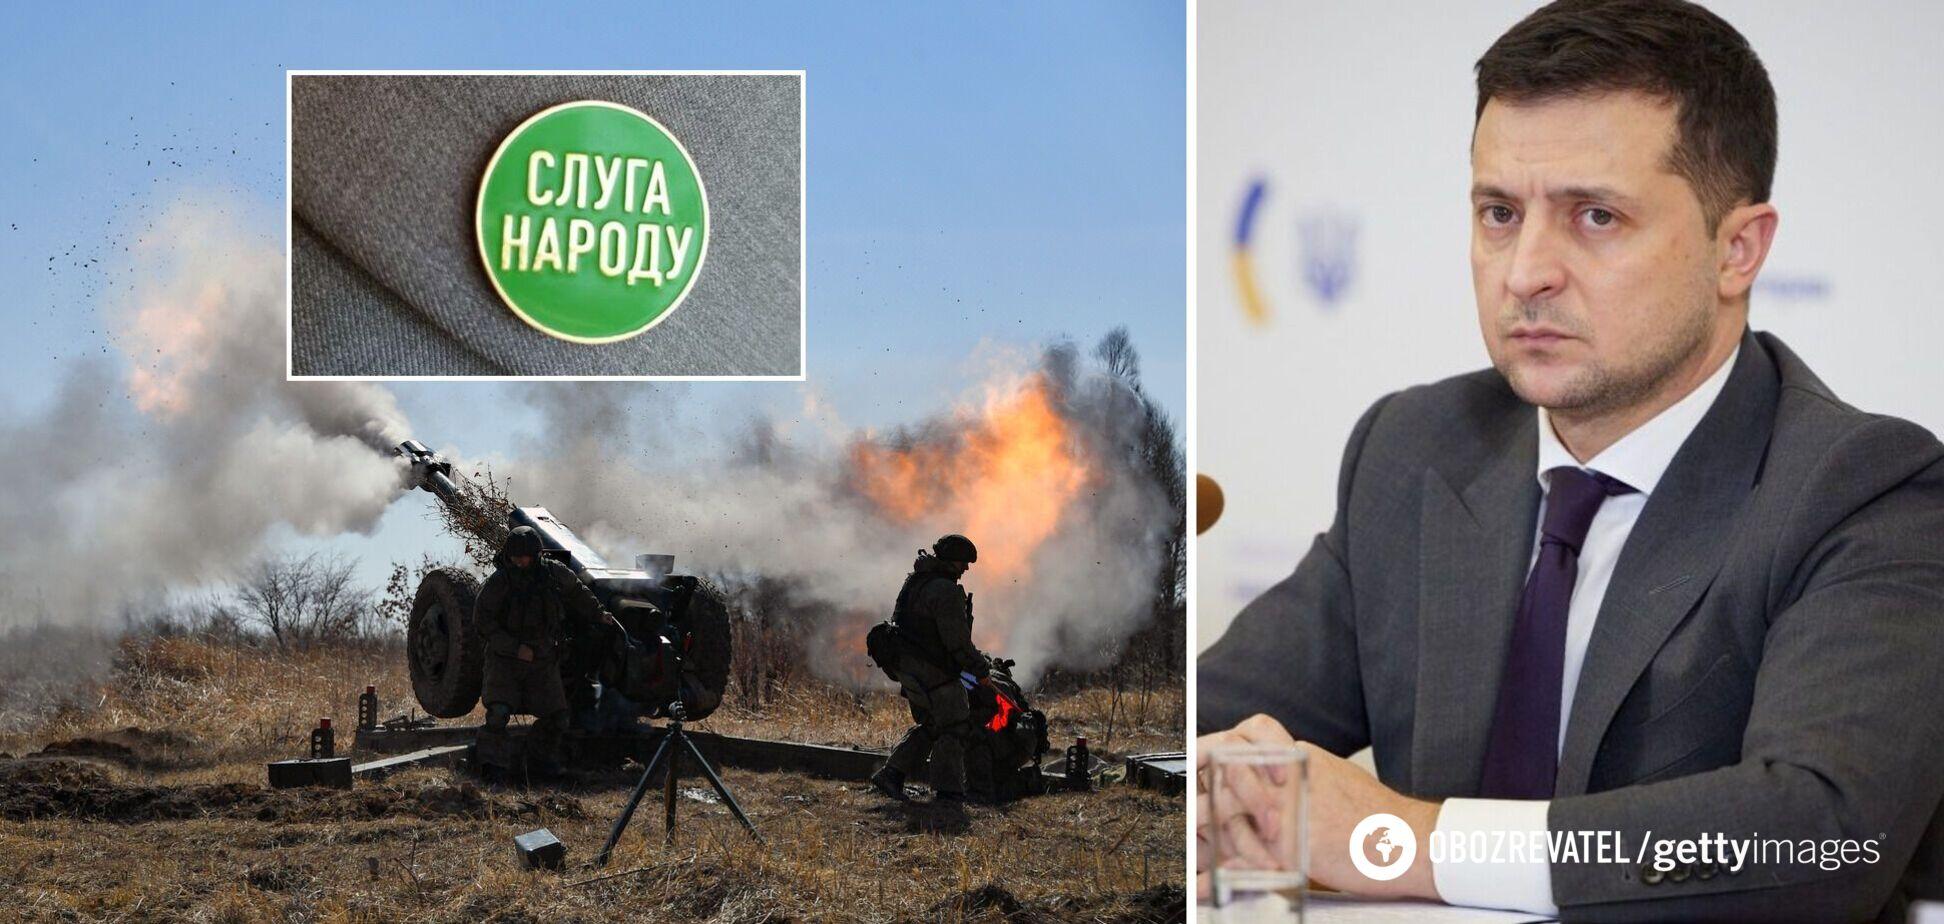 'Слуги' закликали Зеленського розірвати дипломатичні відносини з Росією